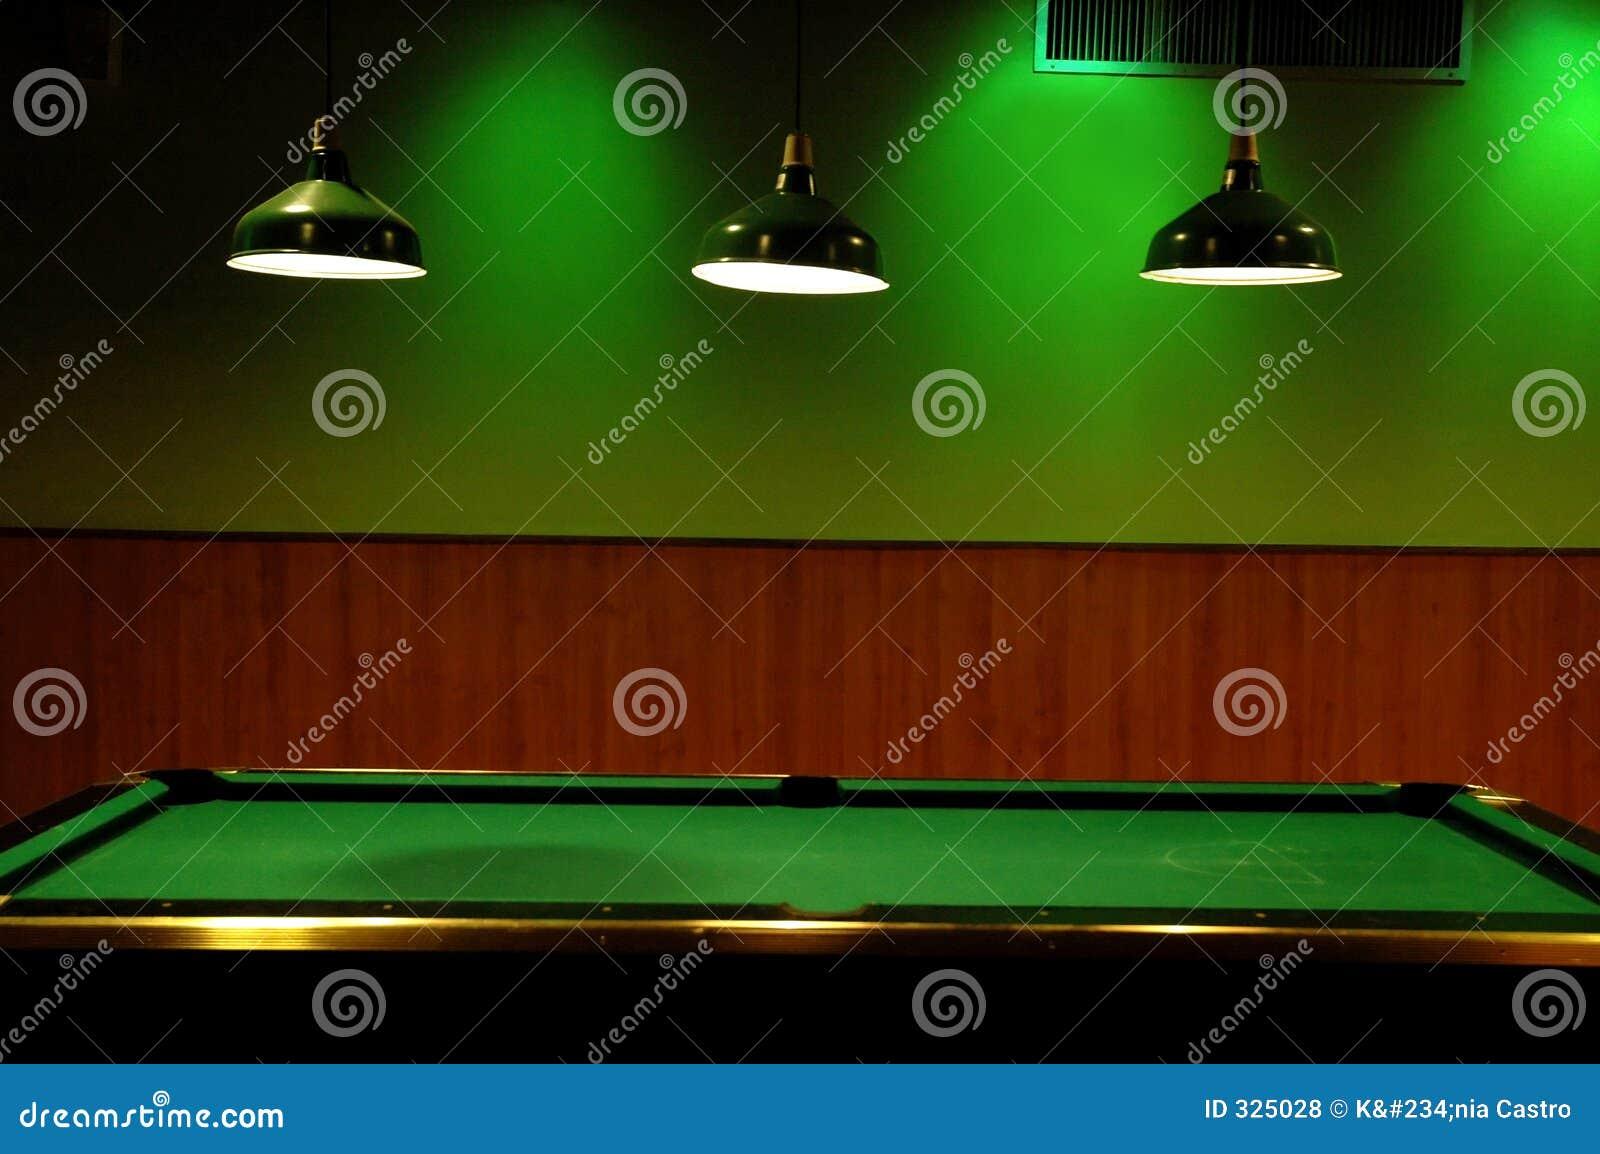 Snooker / Billiards